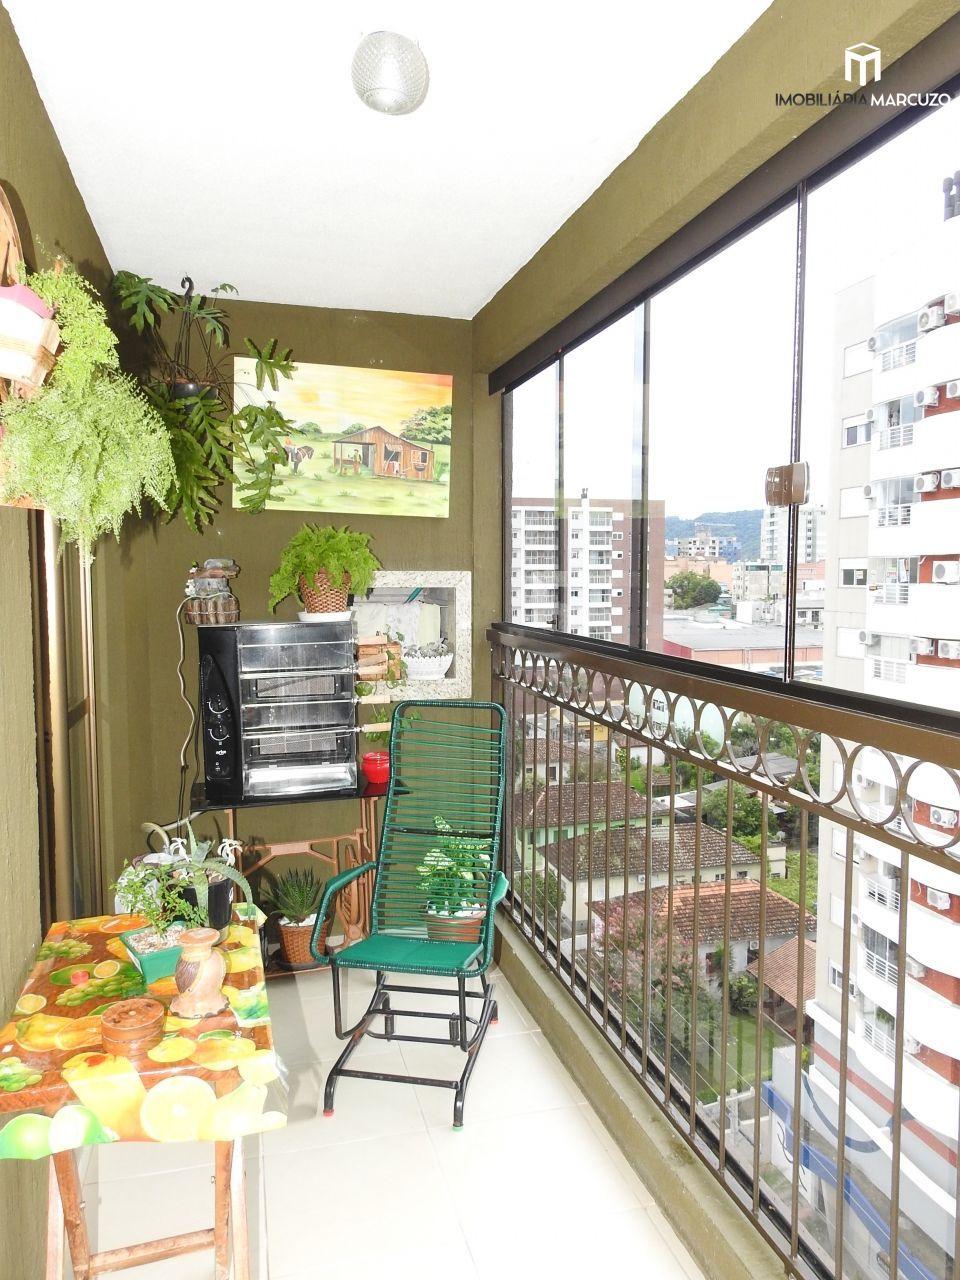 Apartamento com 4 Dormitórios à venda, 155 m² por R$ 880.000,00